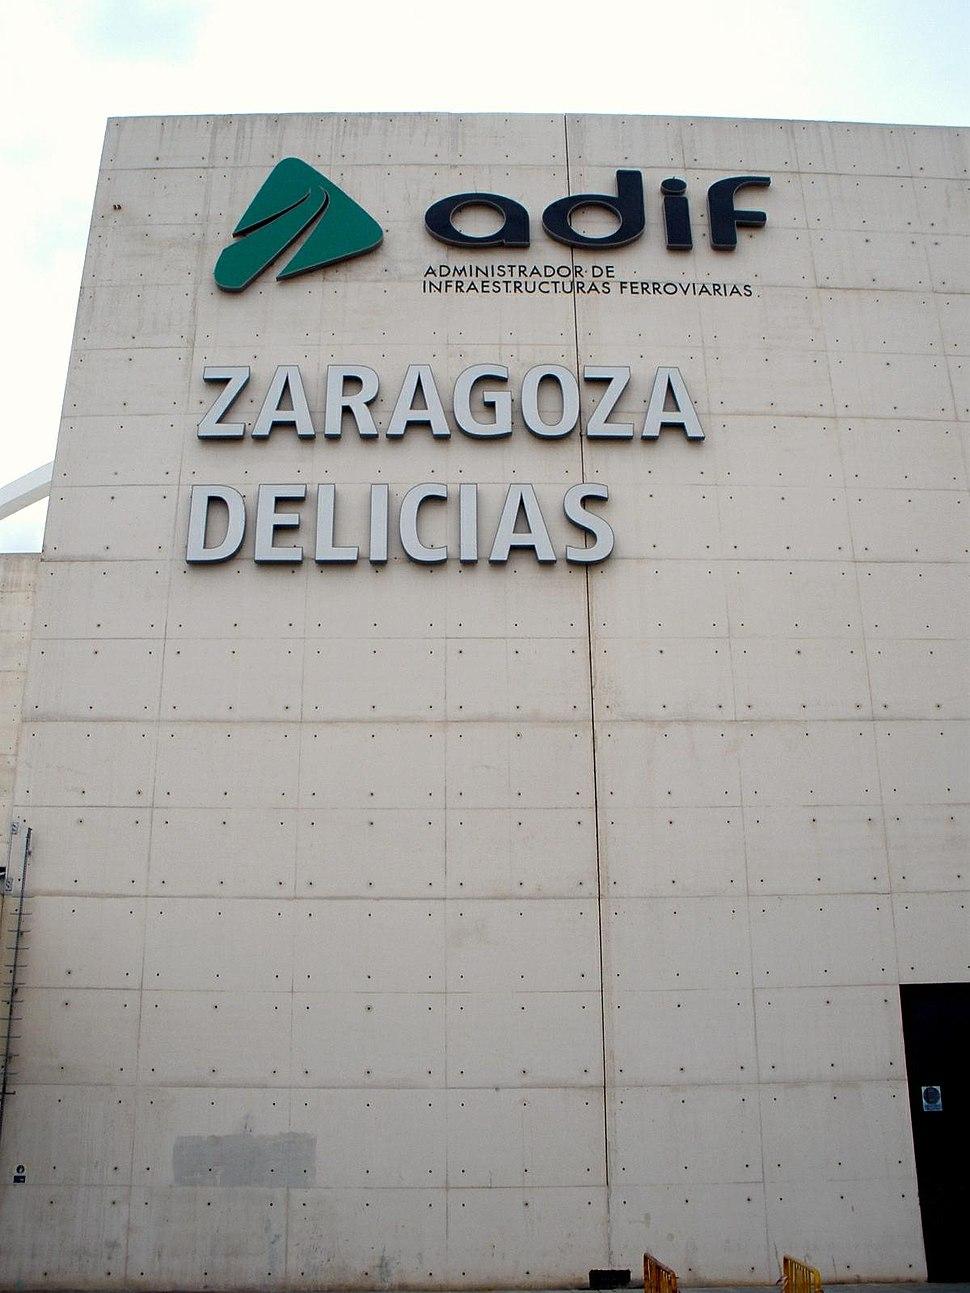 Zaragoza - Delicias 17